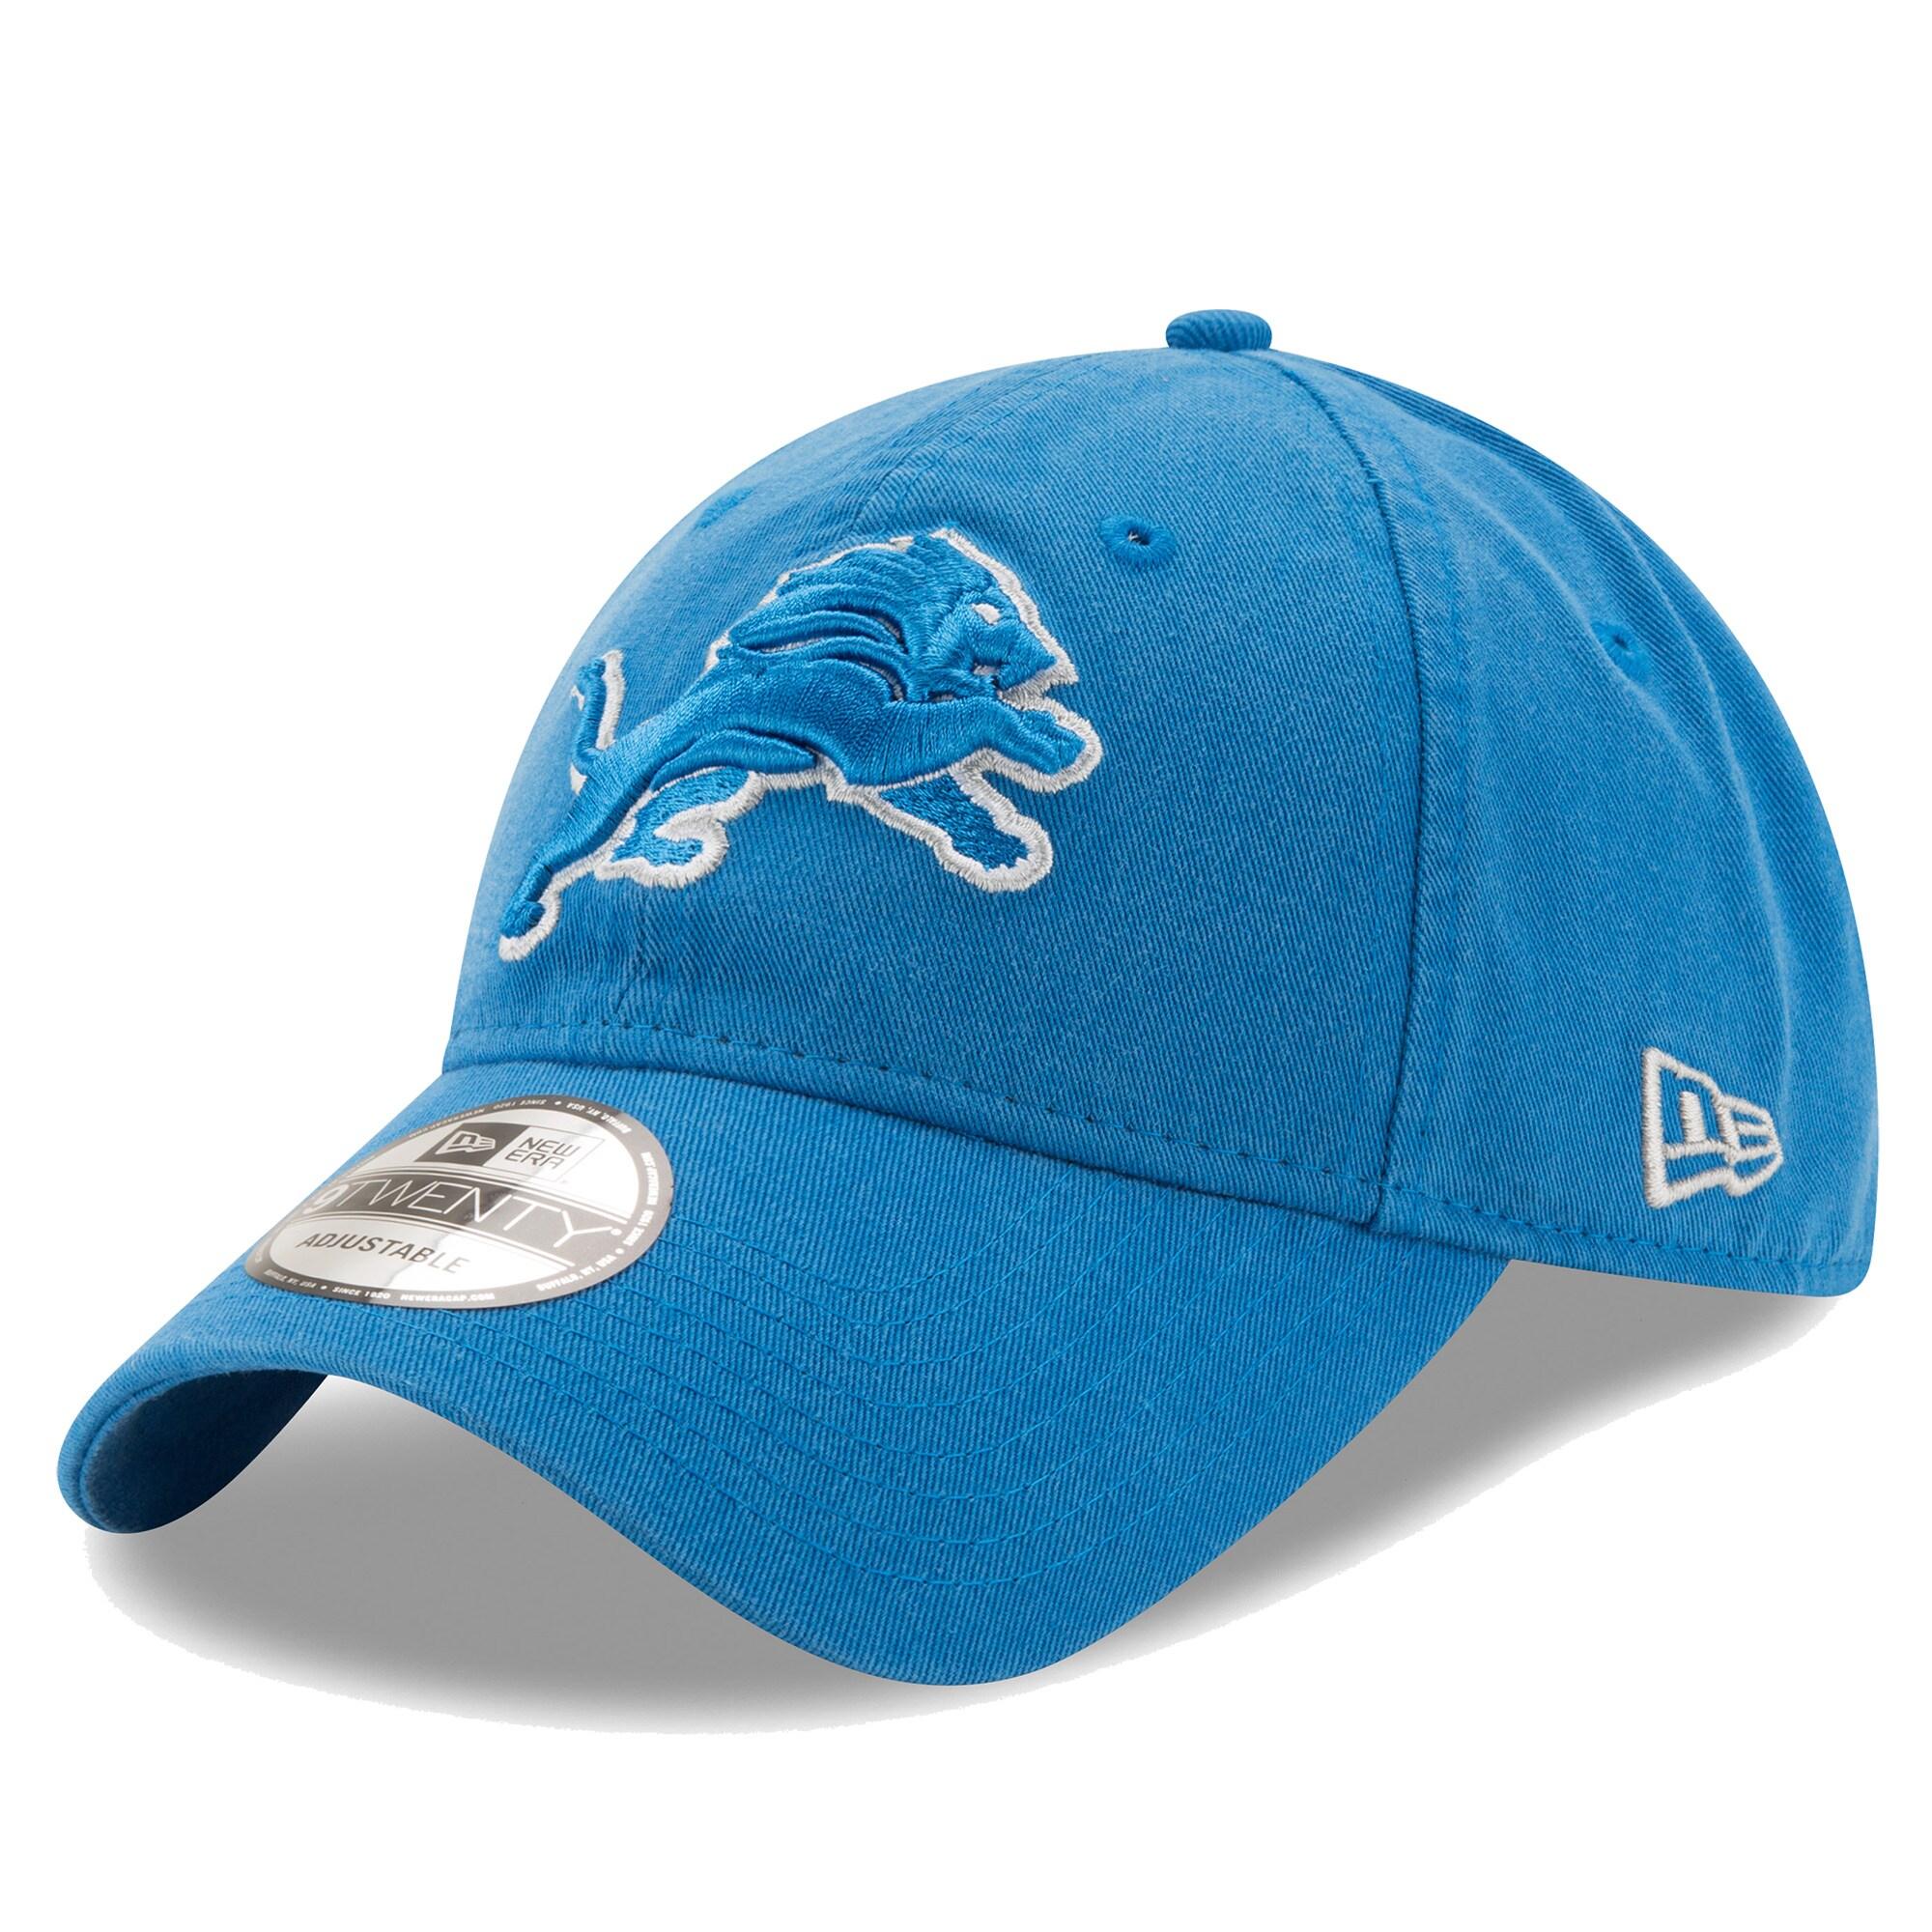 Detroit Lions New Era Core Classic 9TWENTY Adjustable Hat - Blue